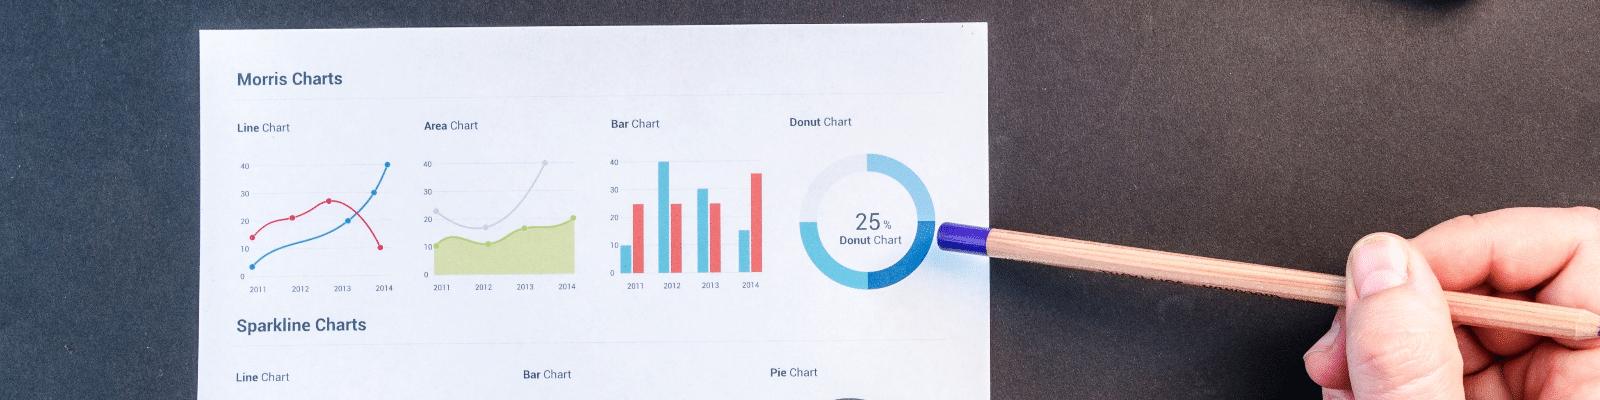 Vom Kartenspiel in die Datenanalyse – Was uns das Anscombe Quartett über Datenvisualisierung verrät!